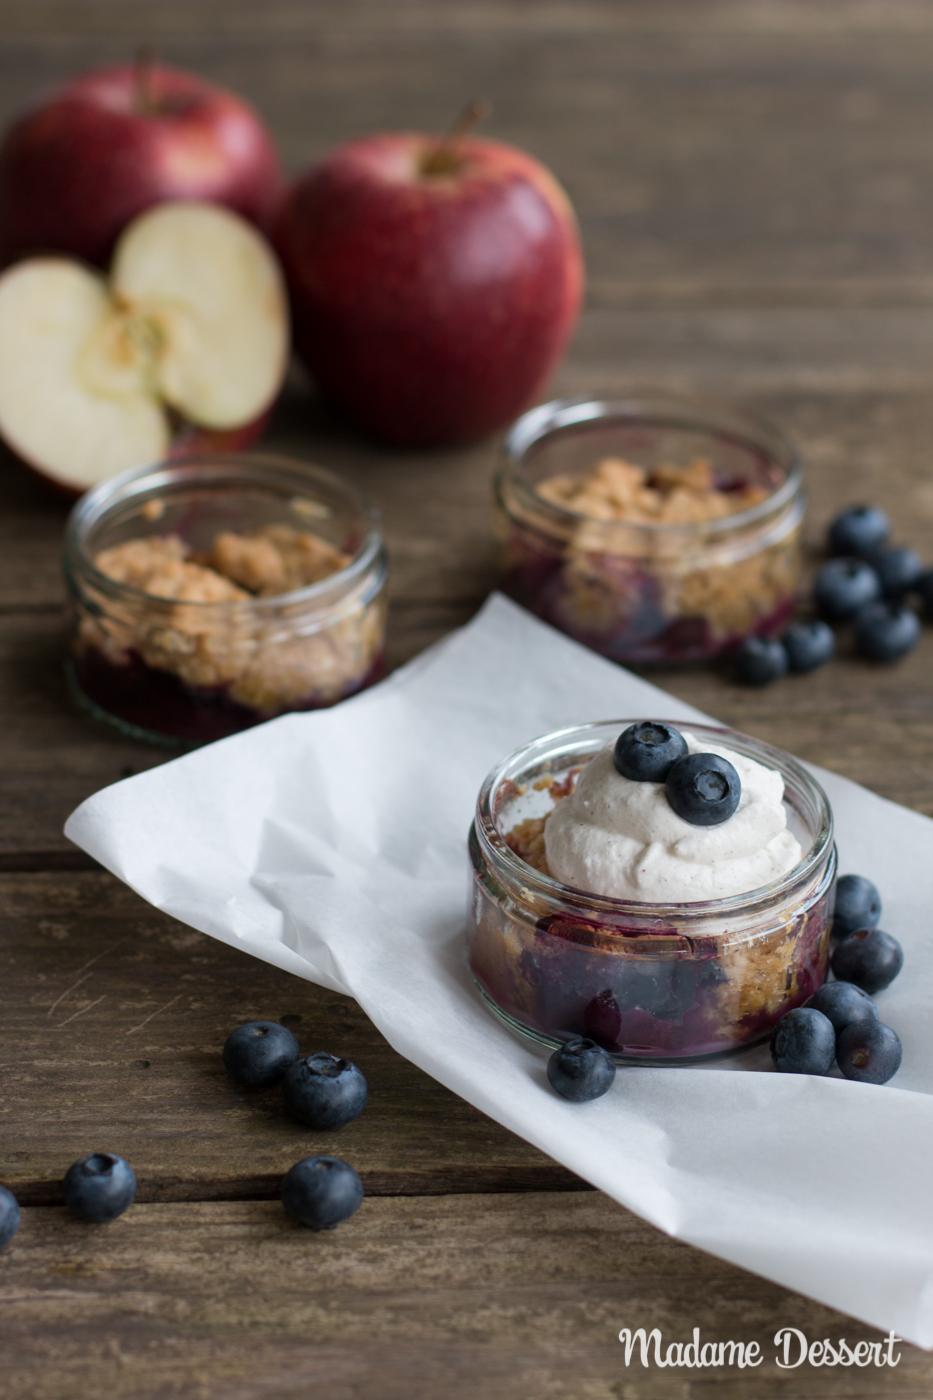 Herzerwärmender Apfel Blaubeer Crumble mit Vanillesahne | Madame Dessert